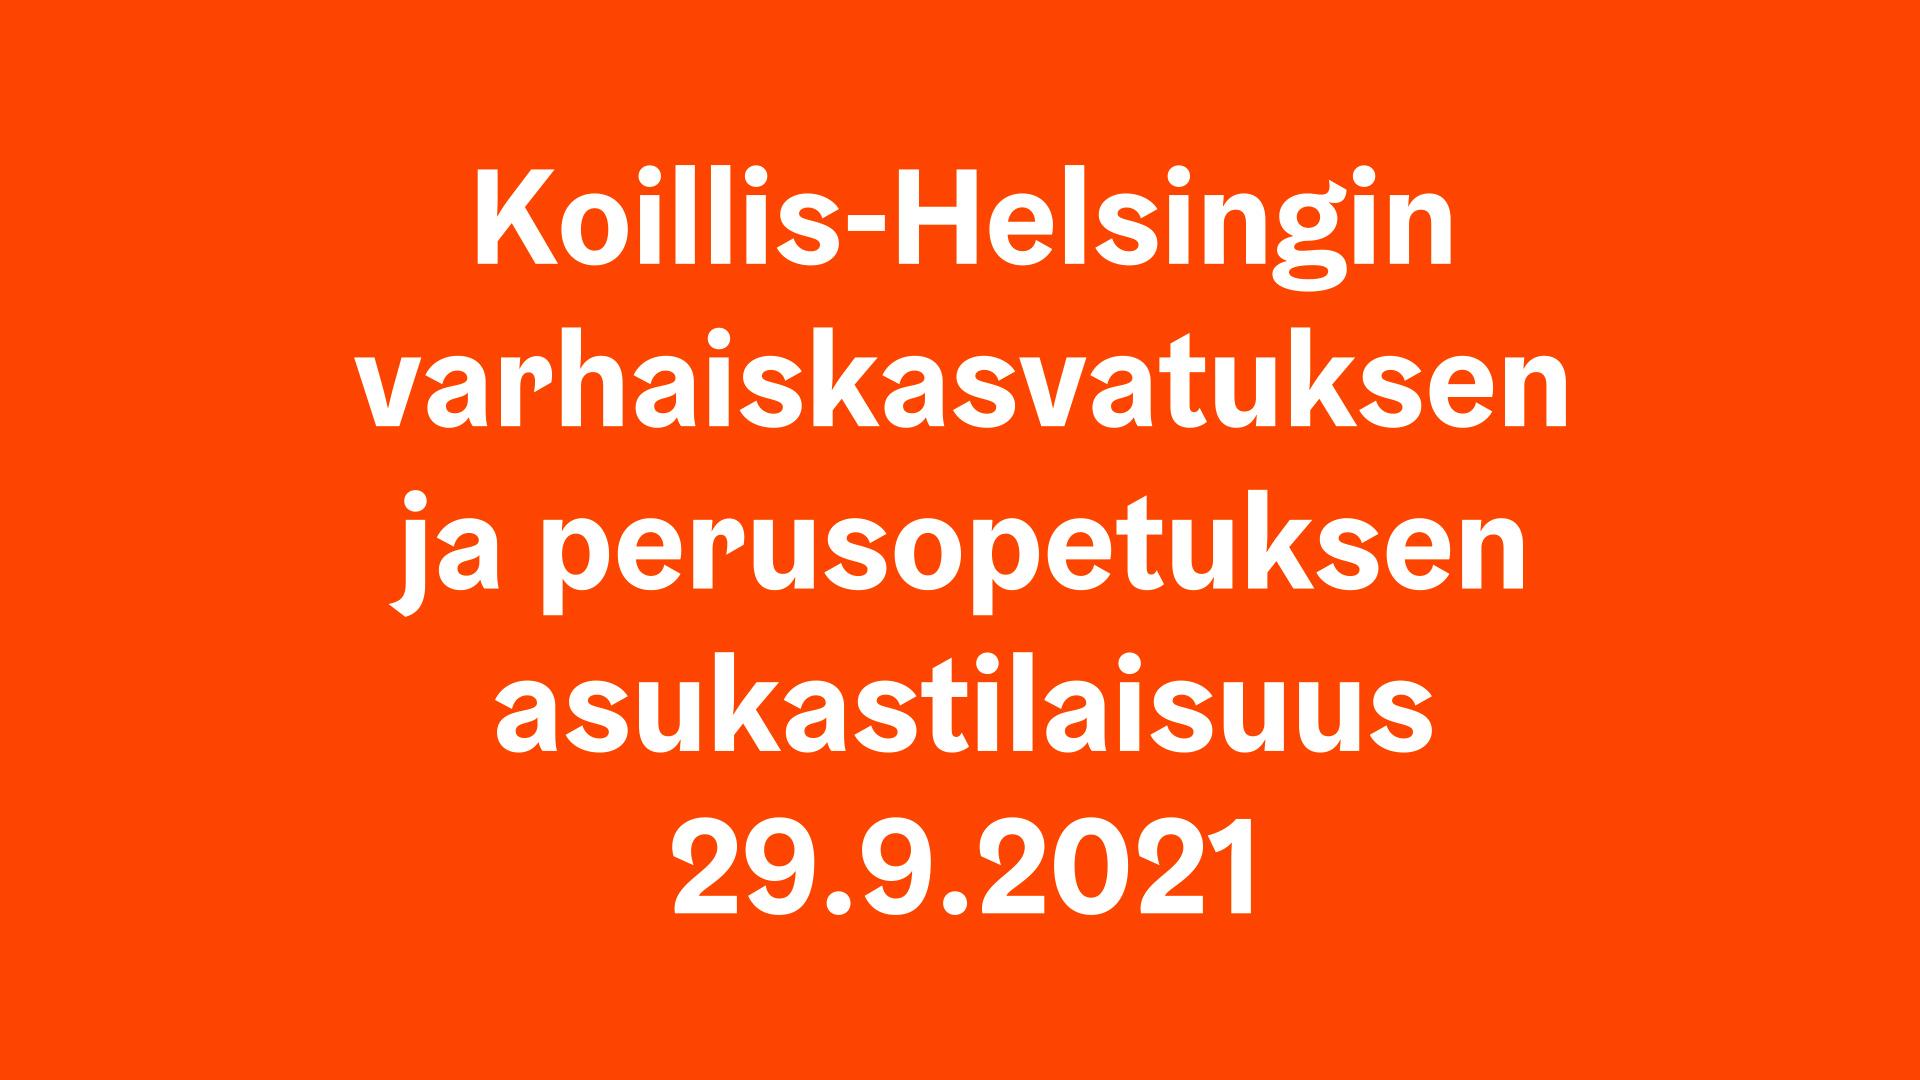 Koillis-Helsingin varhaiskasvatuksen ja perusopetuksen asukastilaisuus 29.9.2021